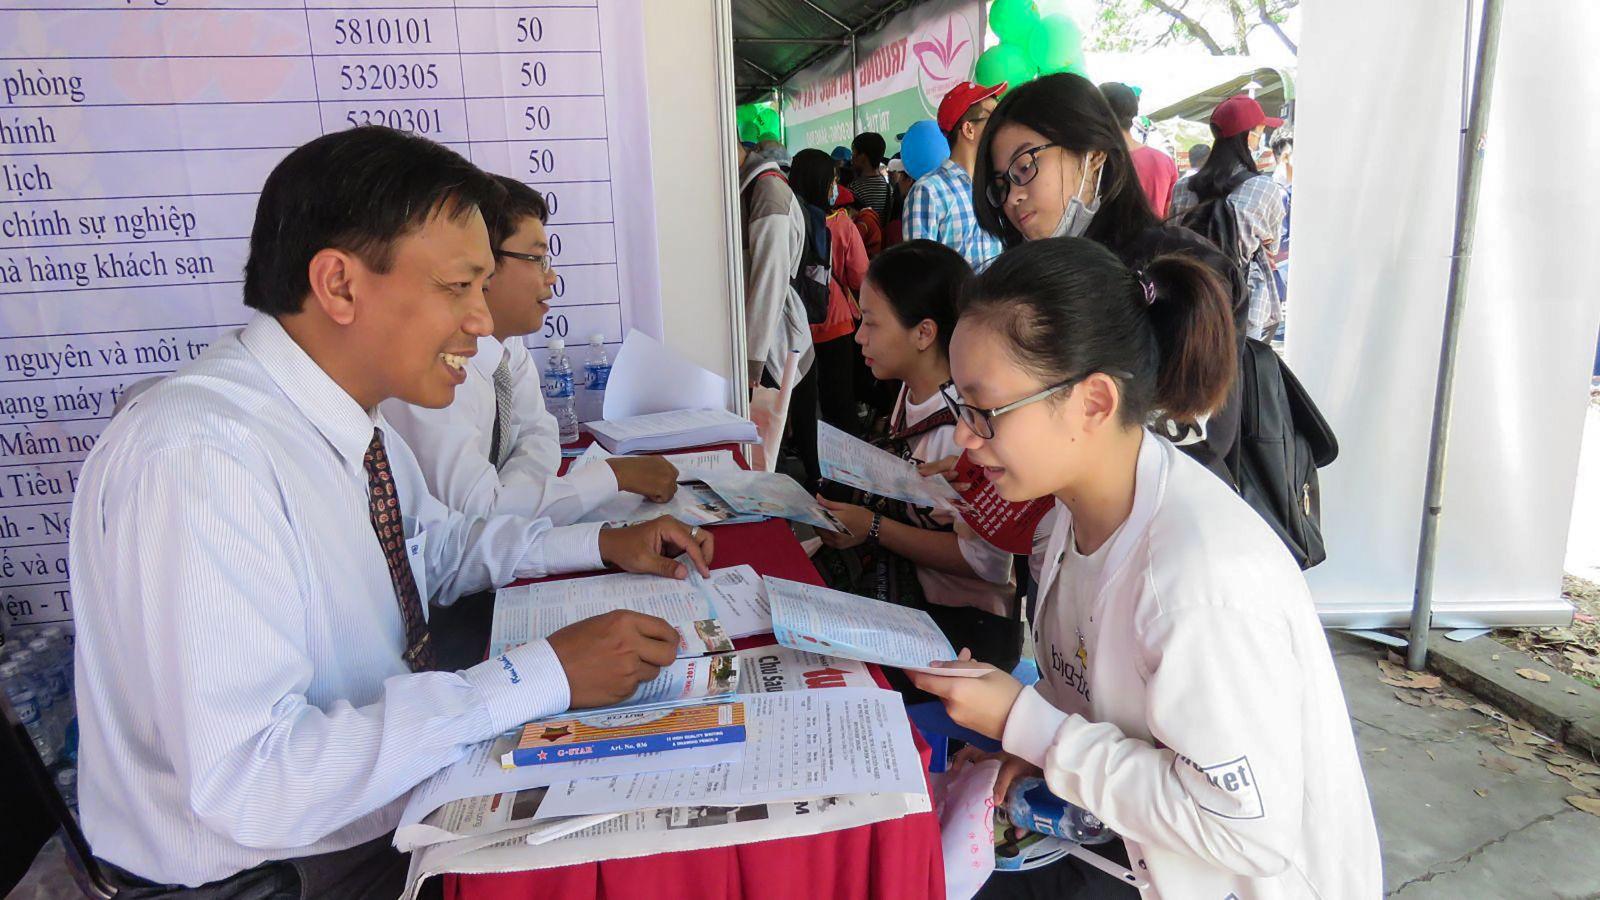 Tiến sĩ Hồ Thanh Tâm đang tư vấn tuyển sinh cho học sinh. Ảnh: B.NG